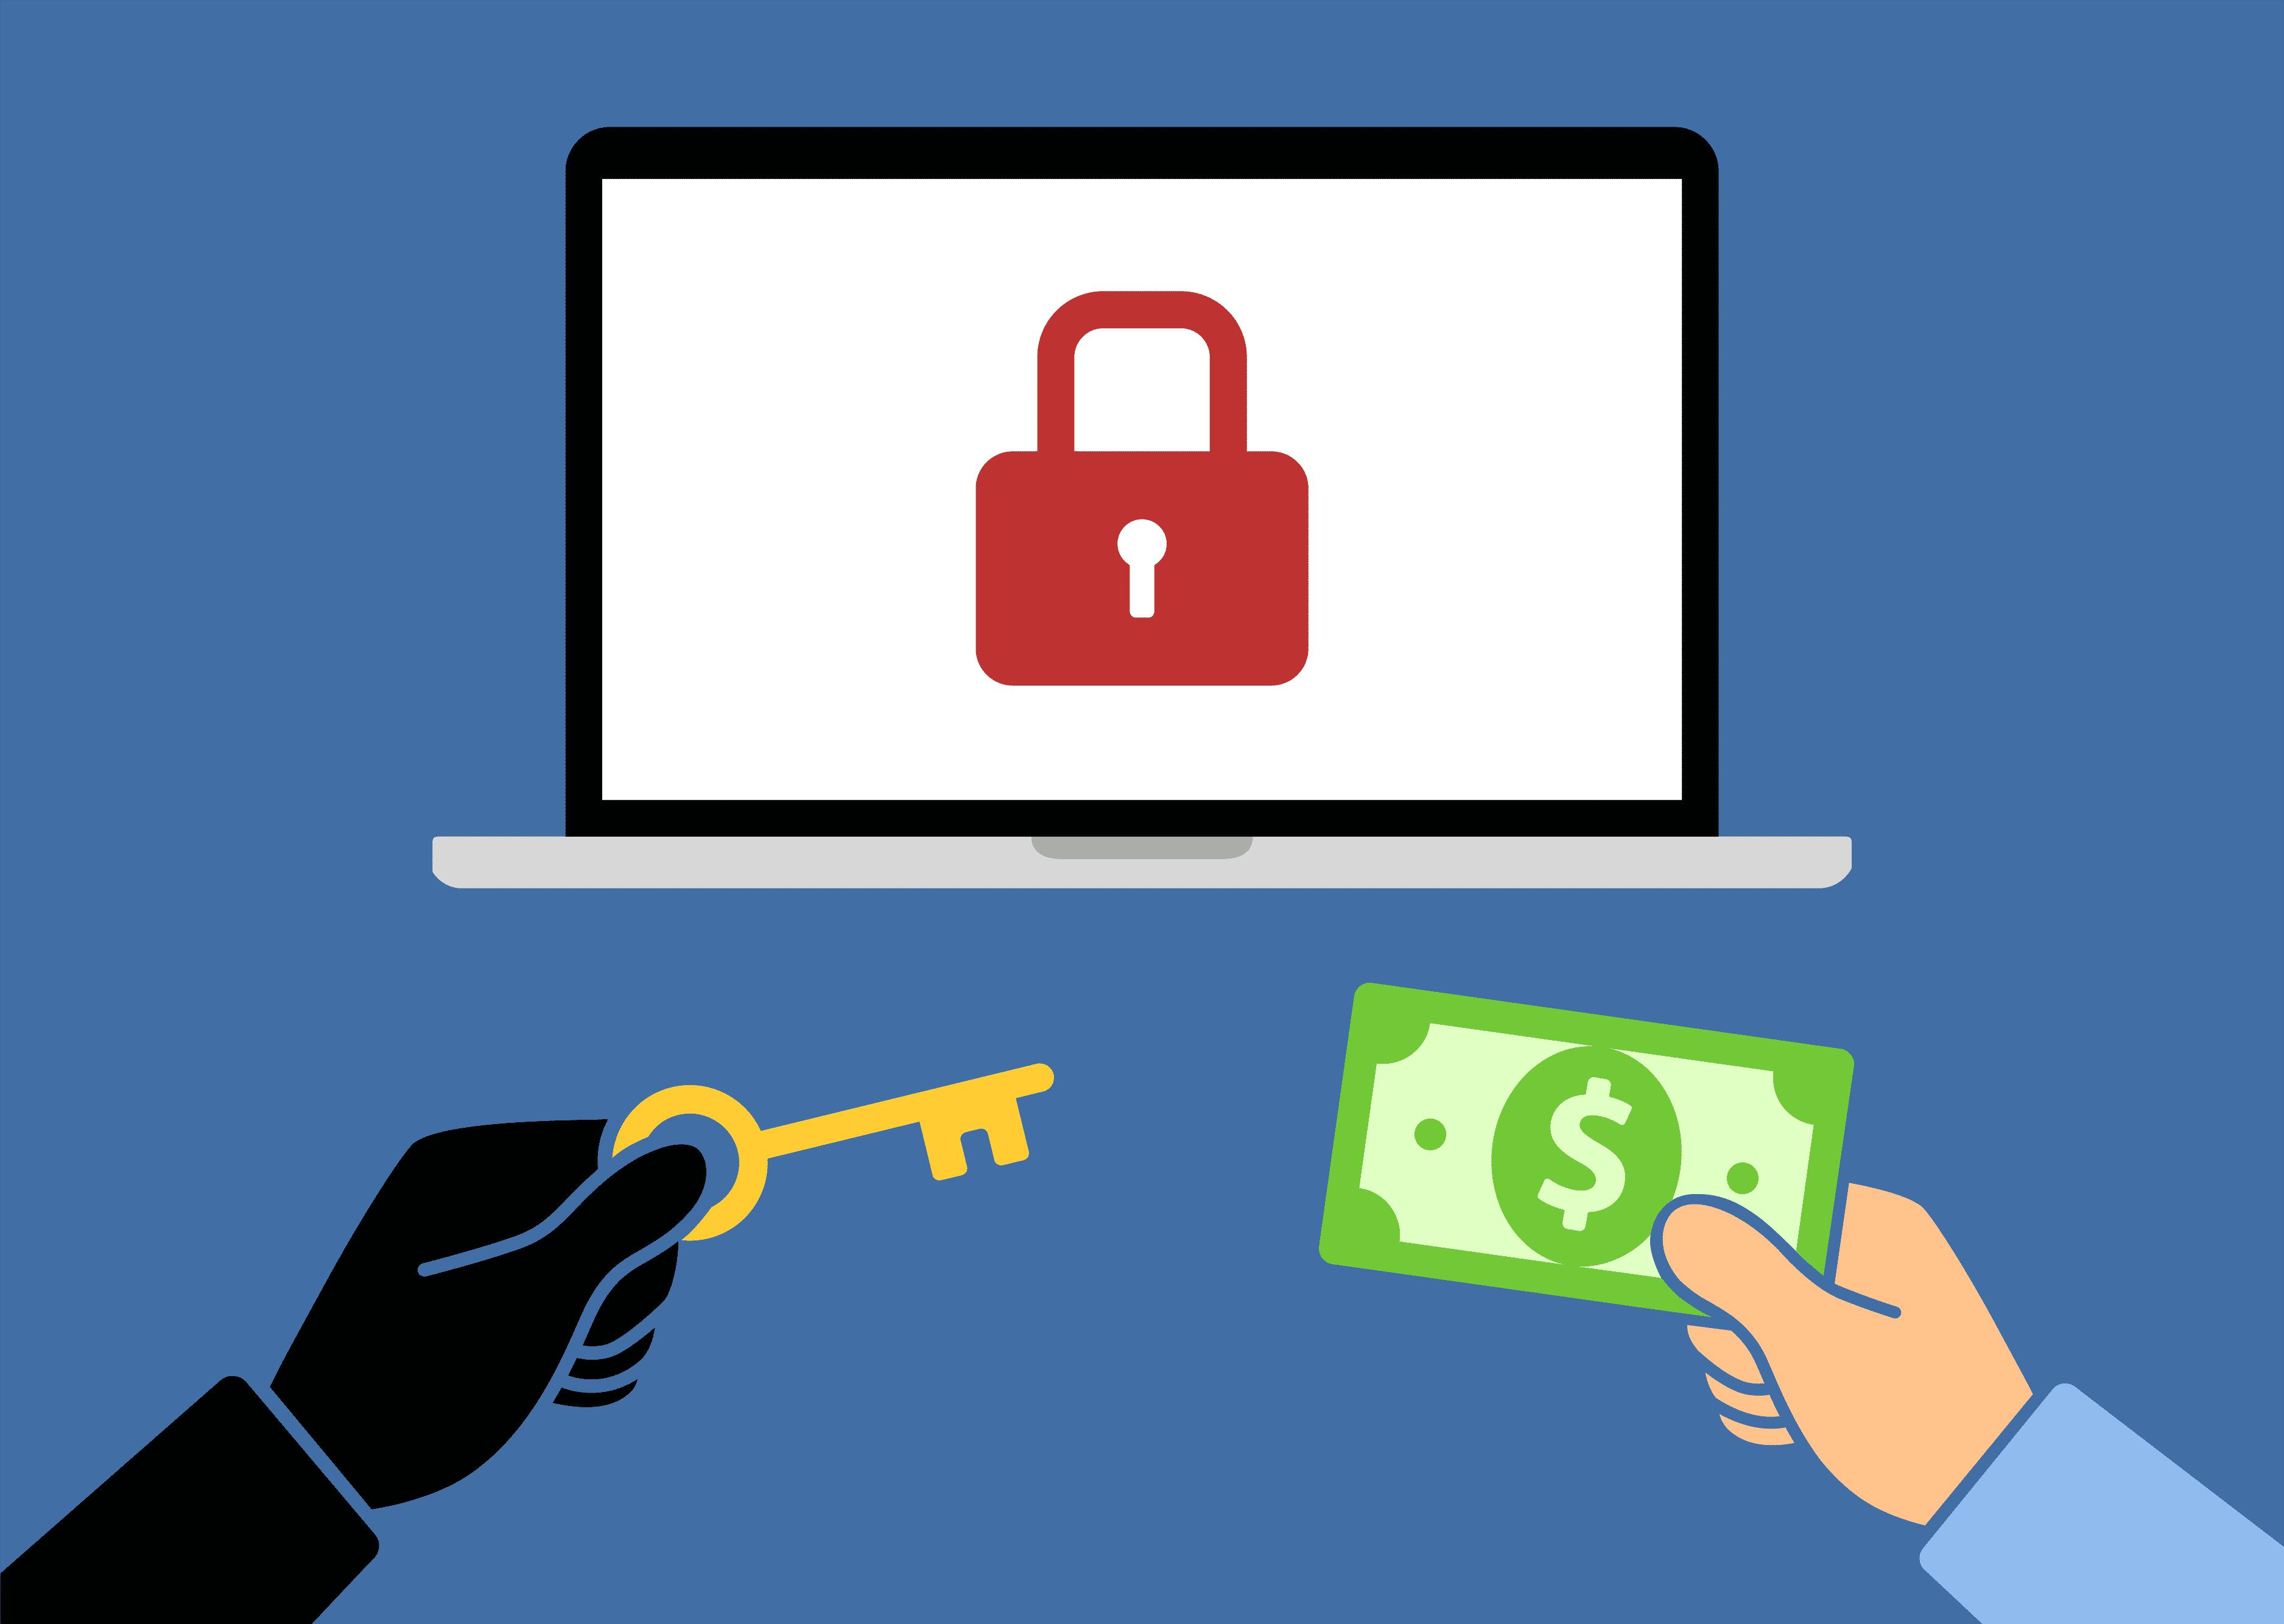 Известный хакер Fxmsp продавал доступ к компьютерам SolarWinds в 2017 году